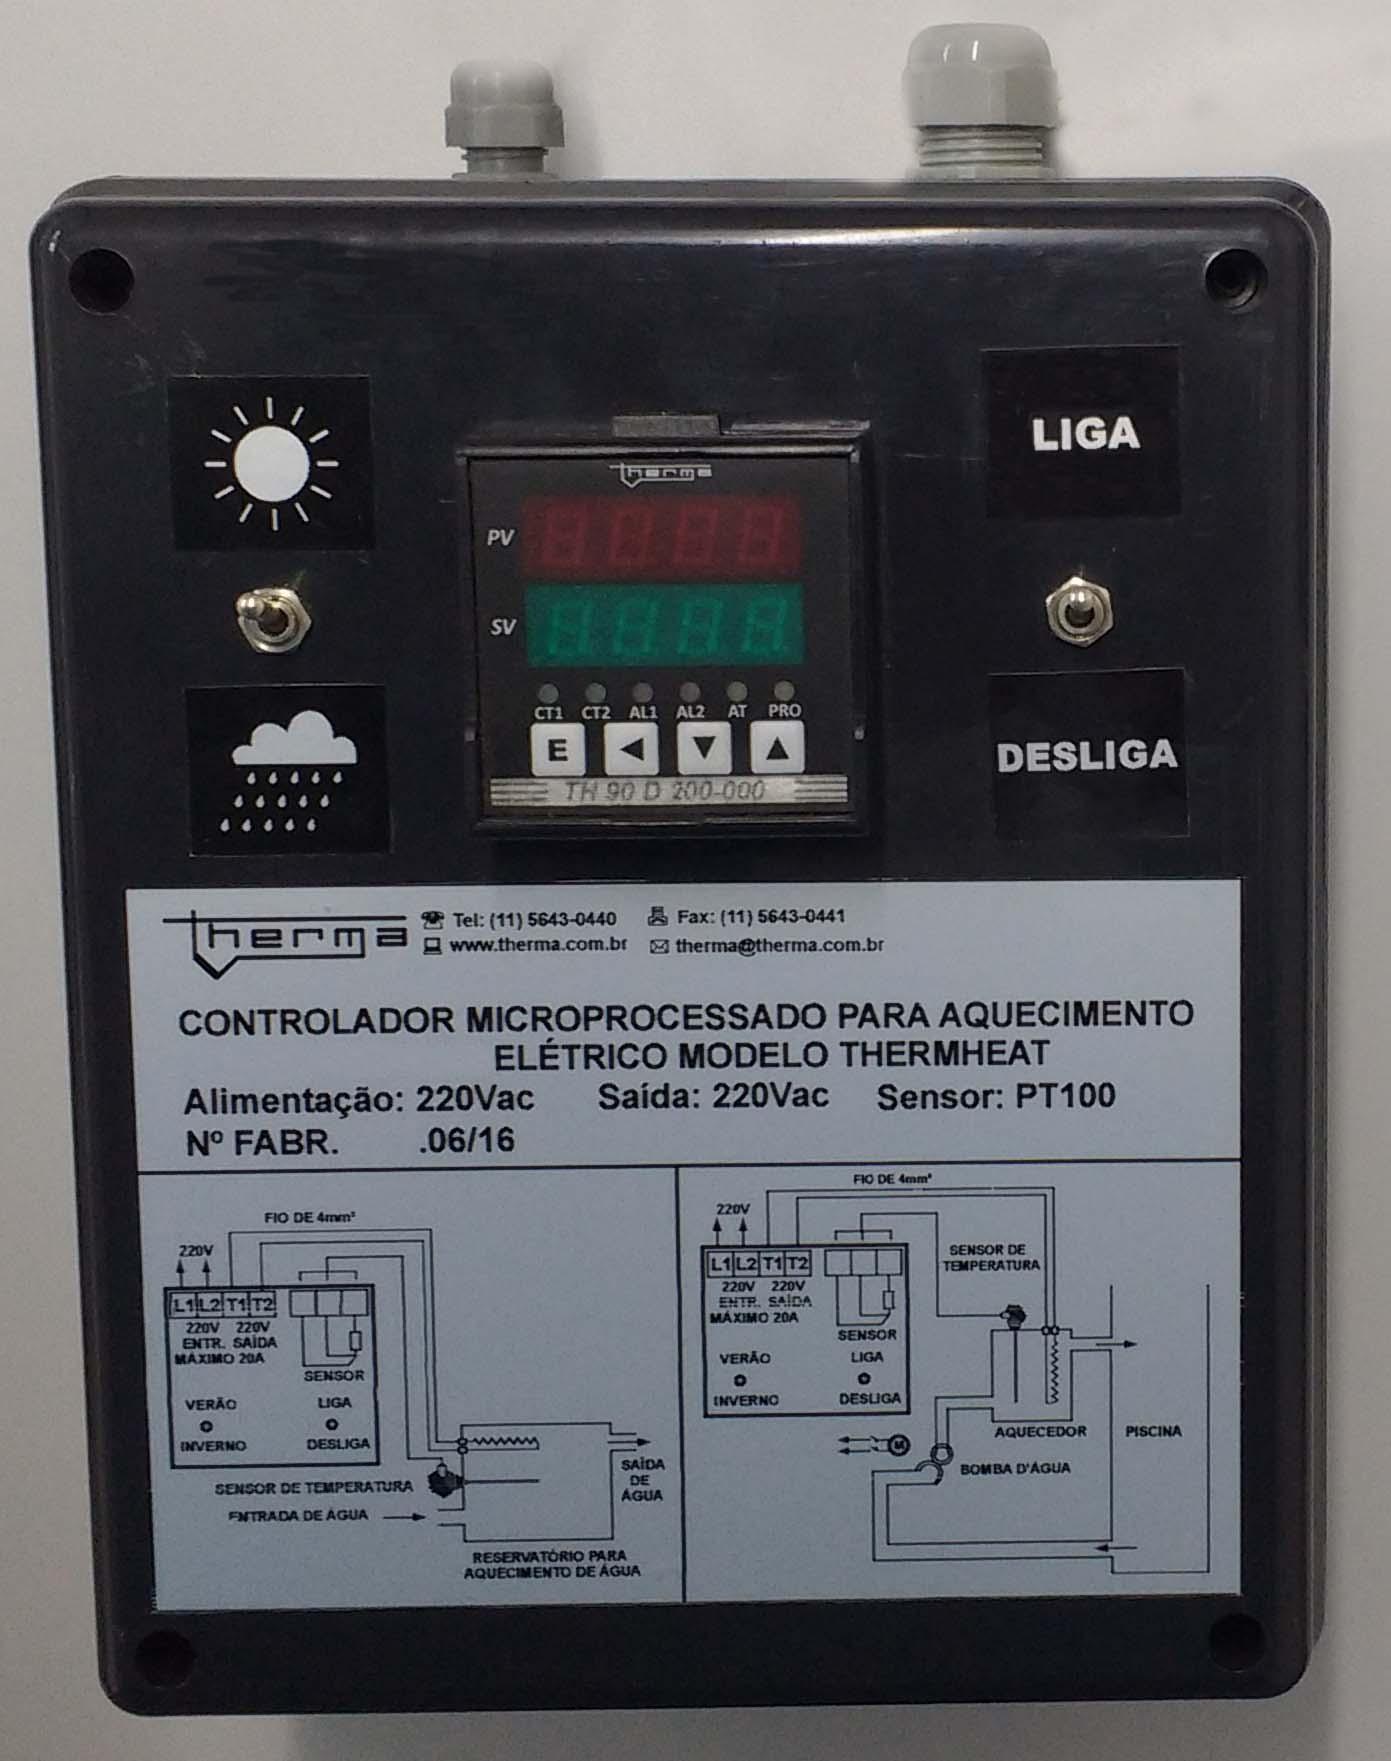 Controladores Microprocessado para Aquecimento Elétrico